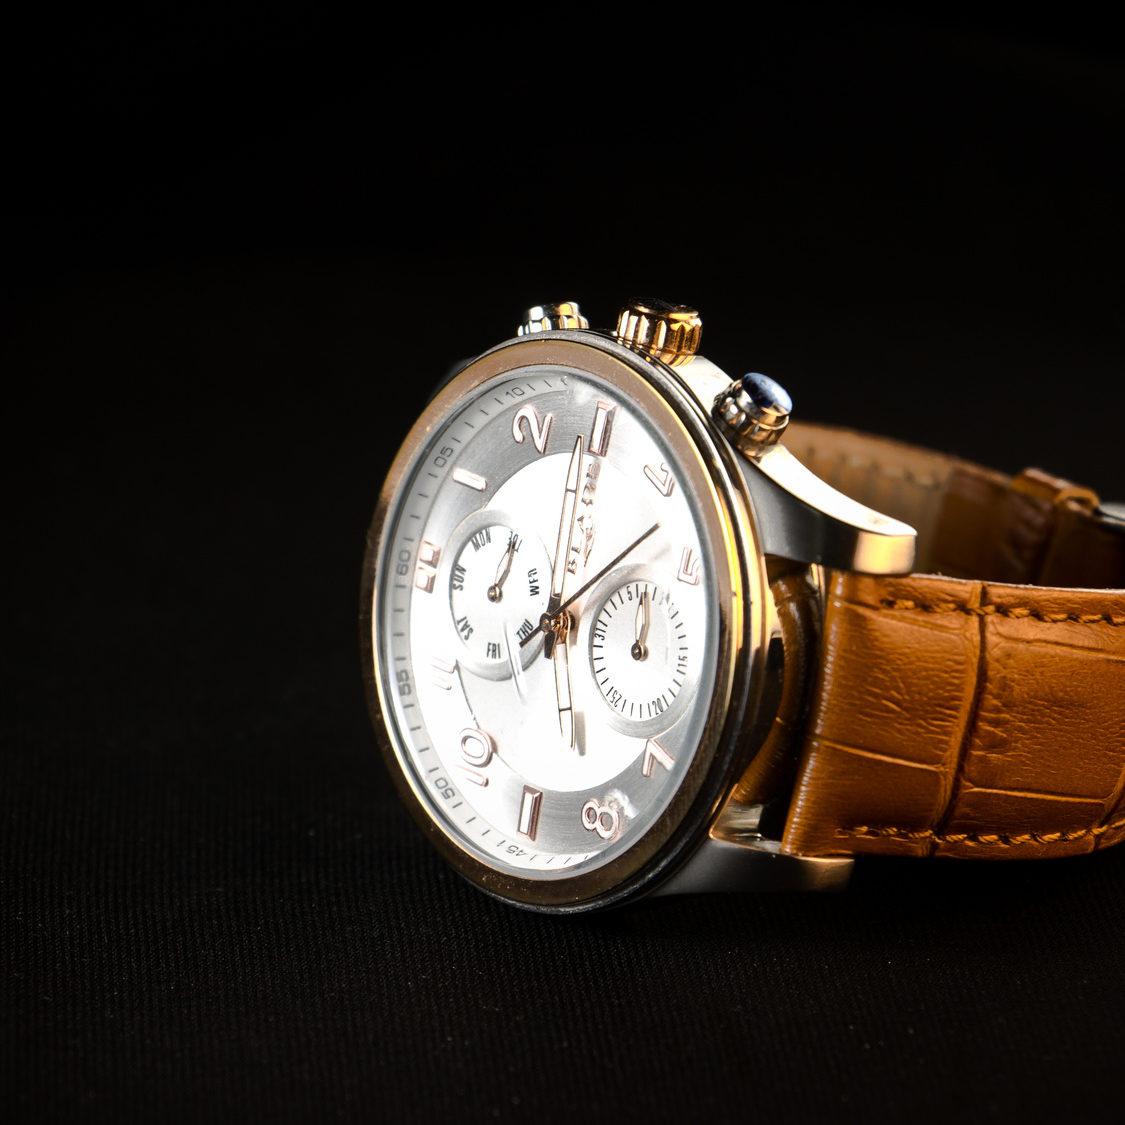 Negozio di orologi a Belluno - De Marco